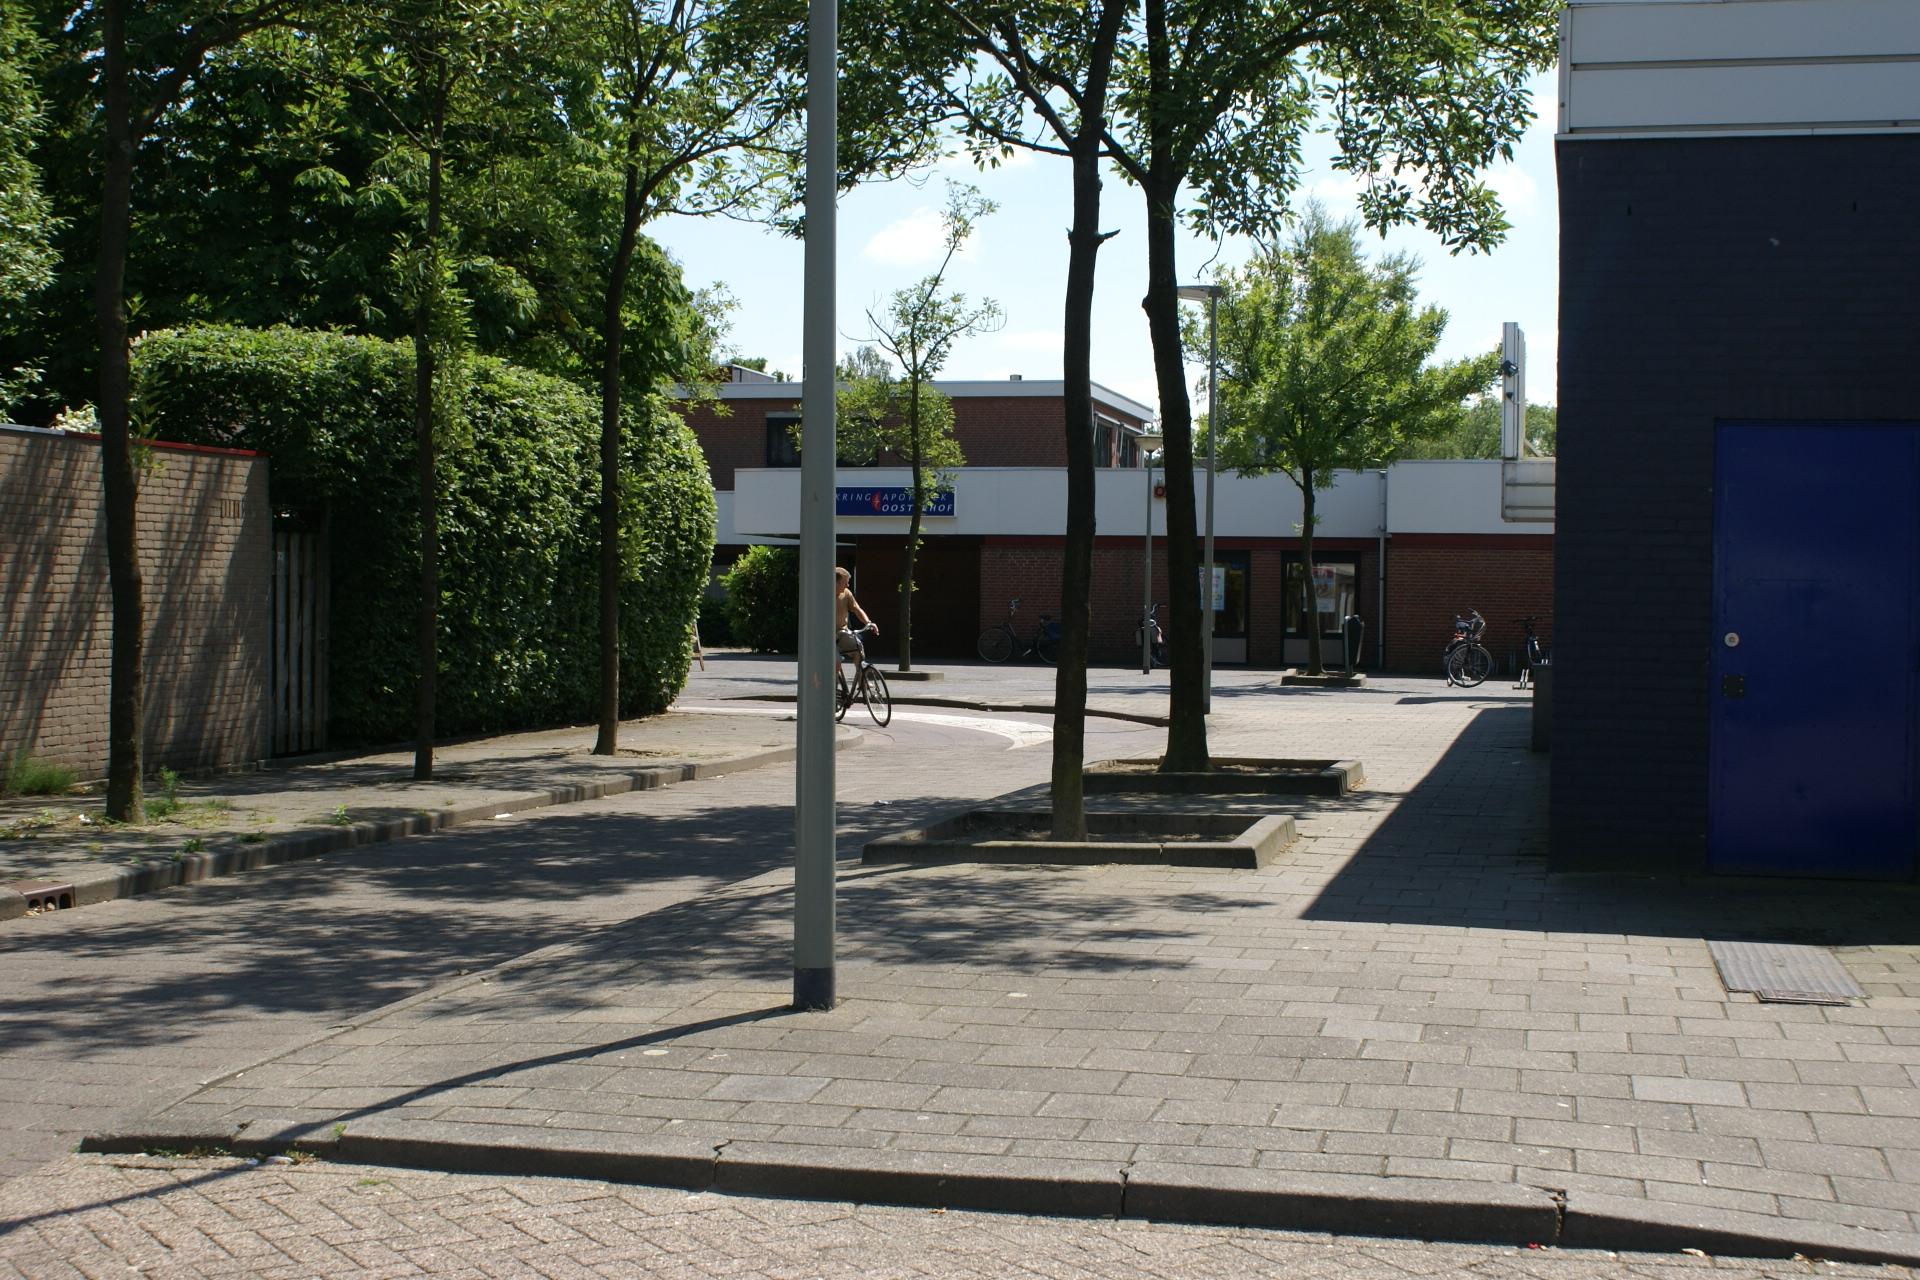 Openbare ruimte Dr. de Brouwerlaan, Boxtel Oost